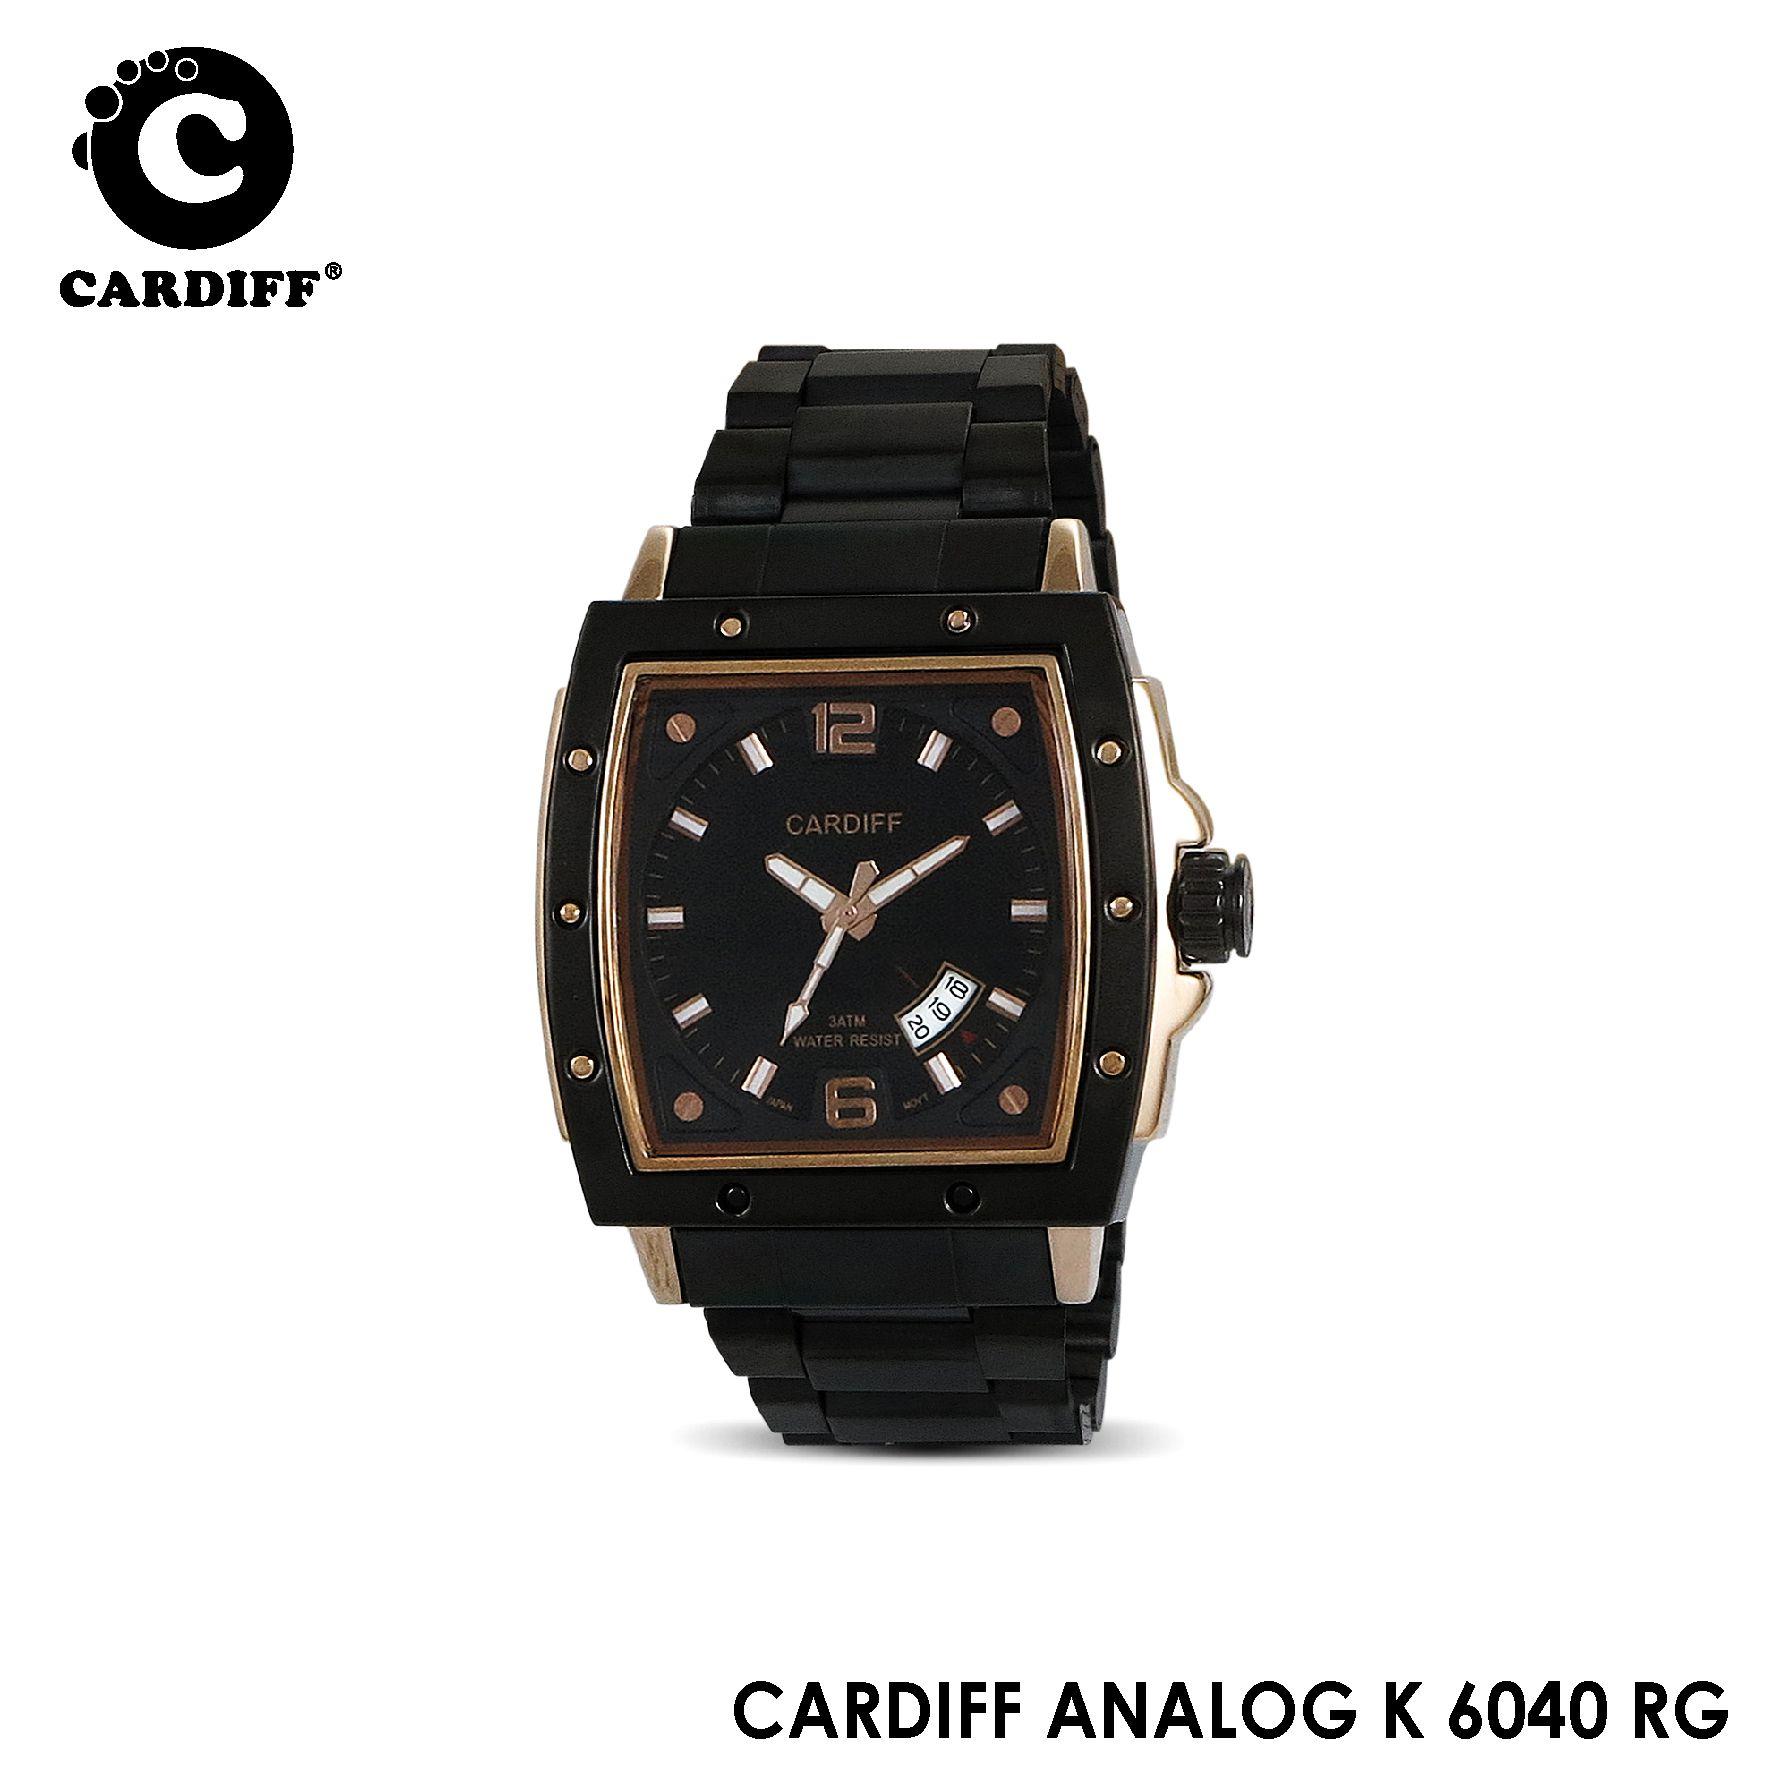 Cardiff Analog K 6040